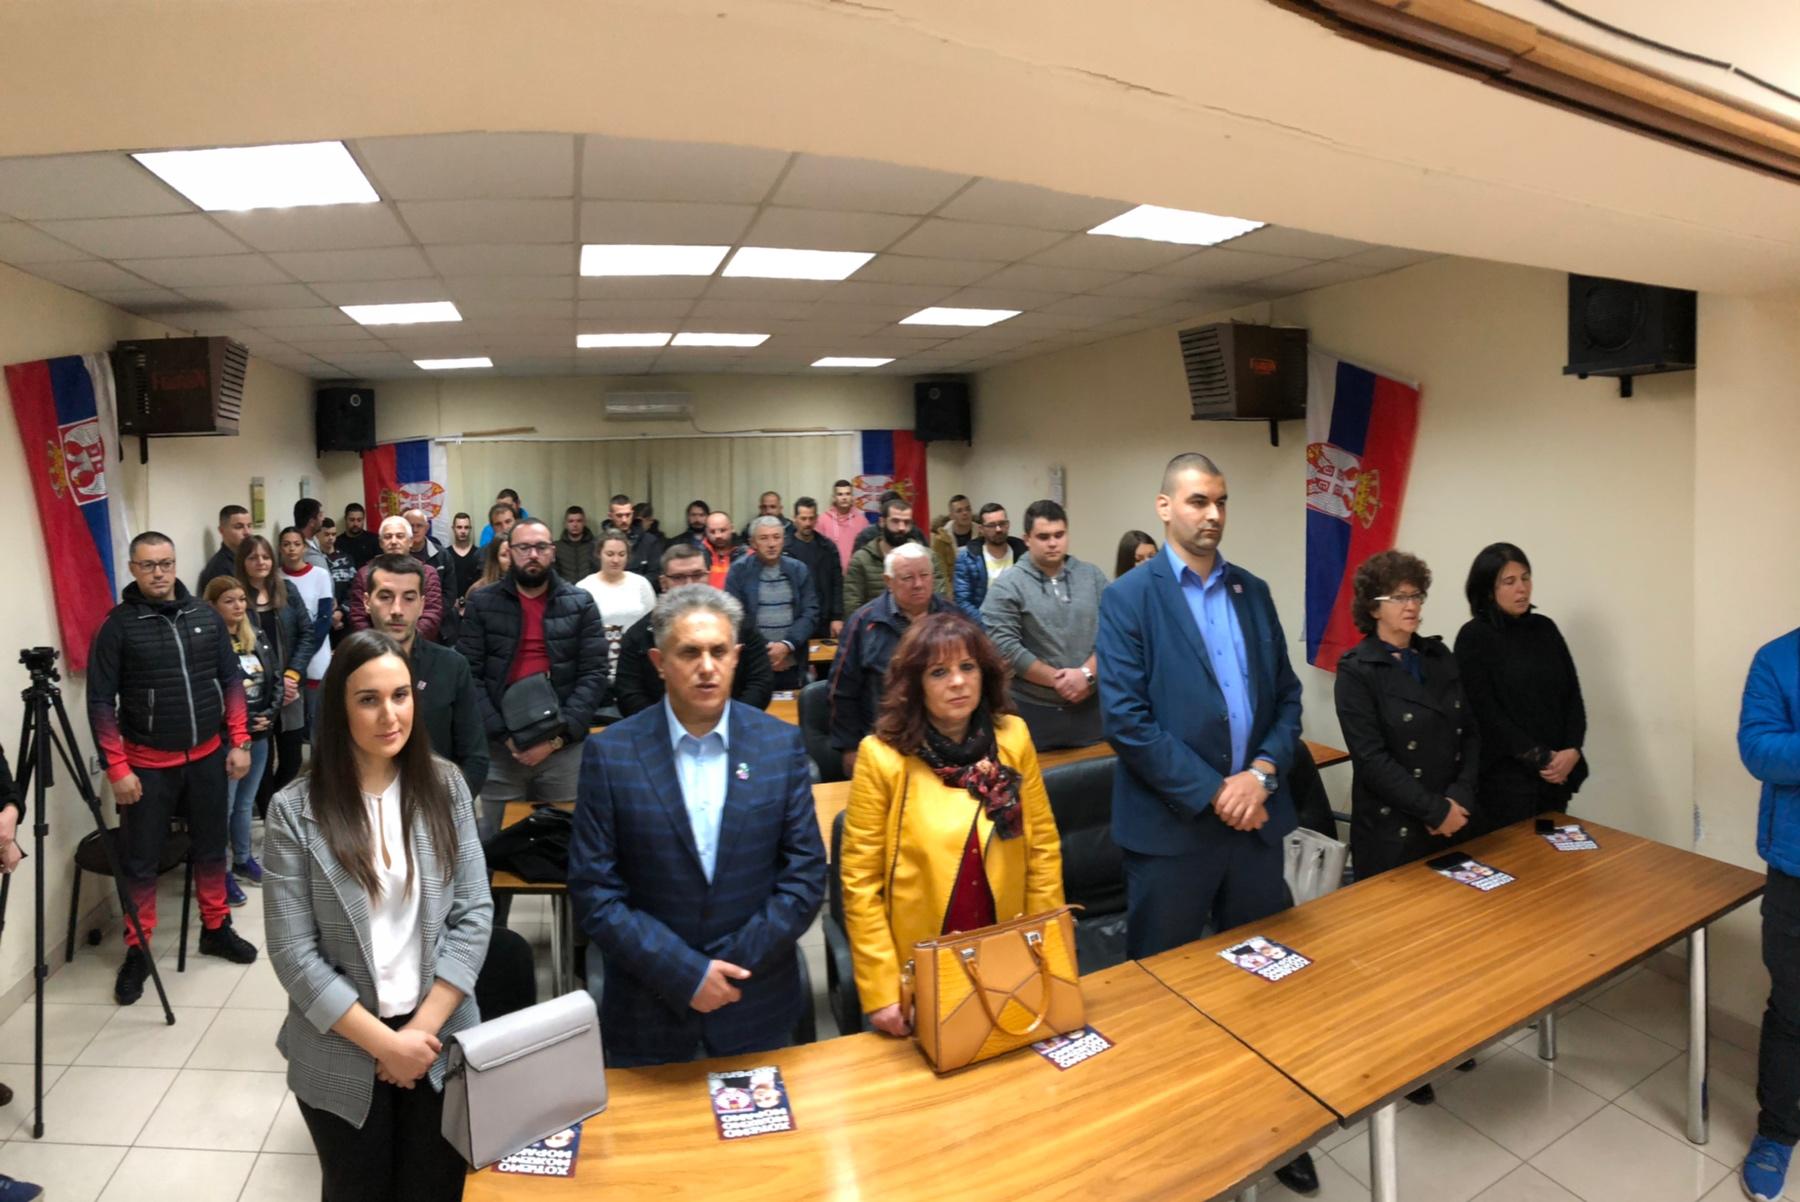 Intoniranje himne Srbije, foto: D.M.